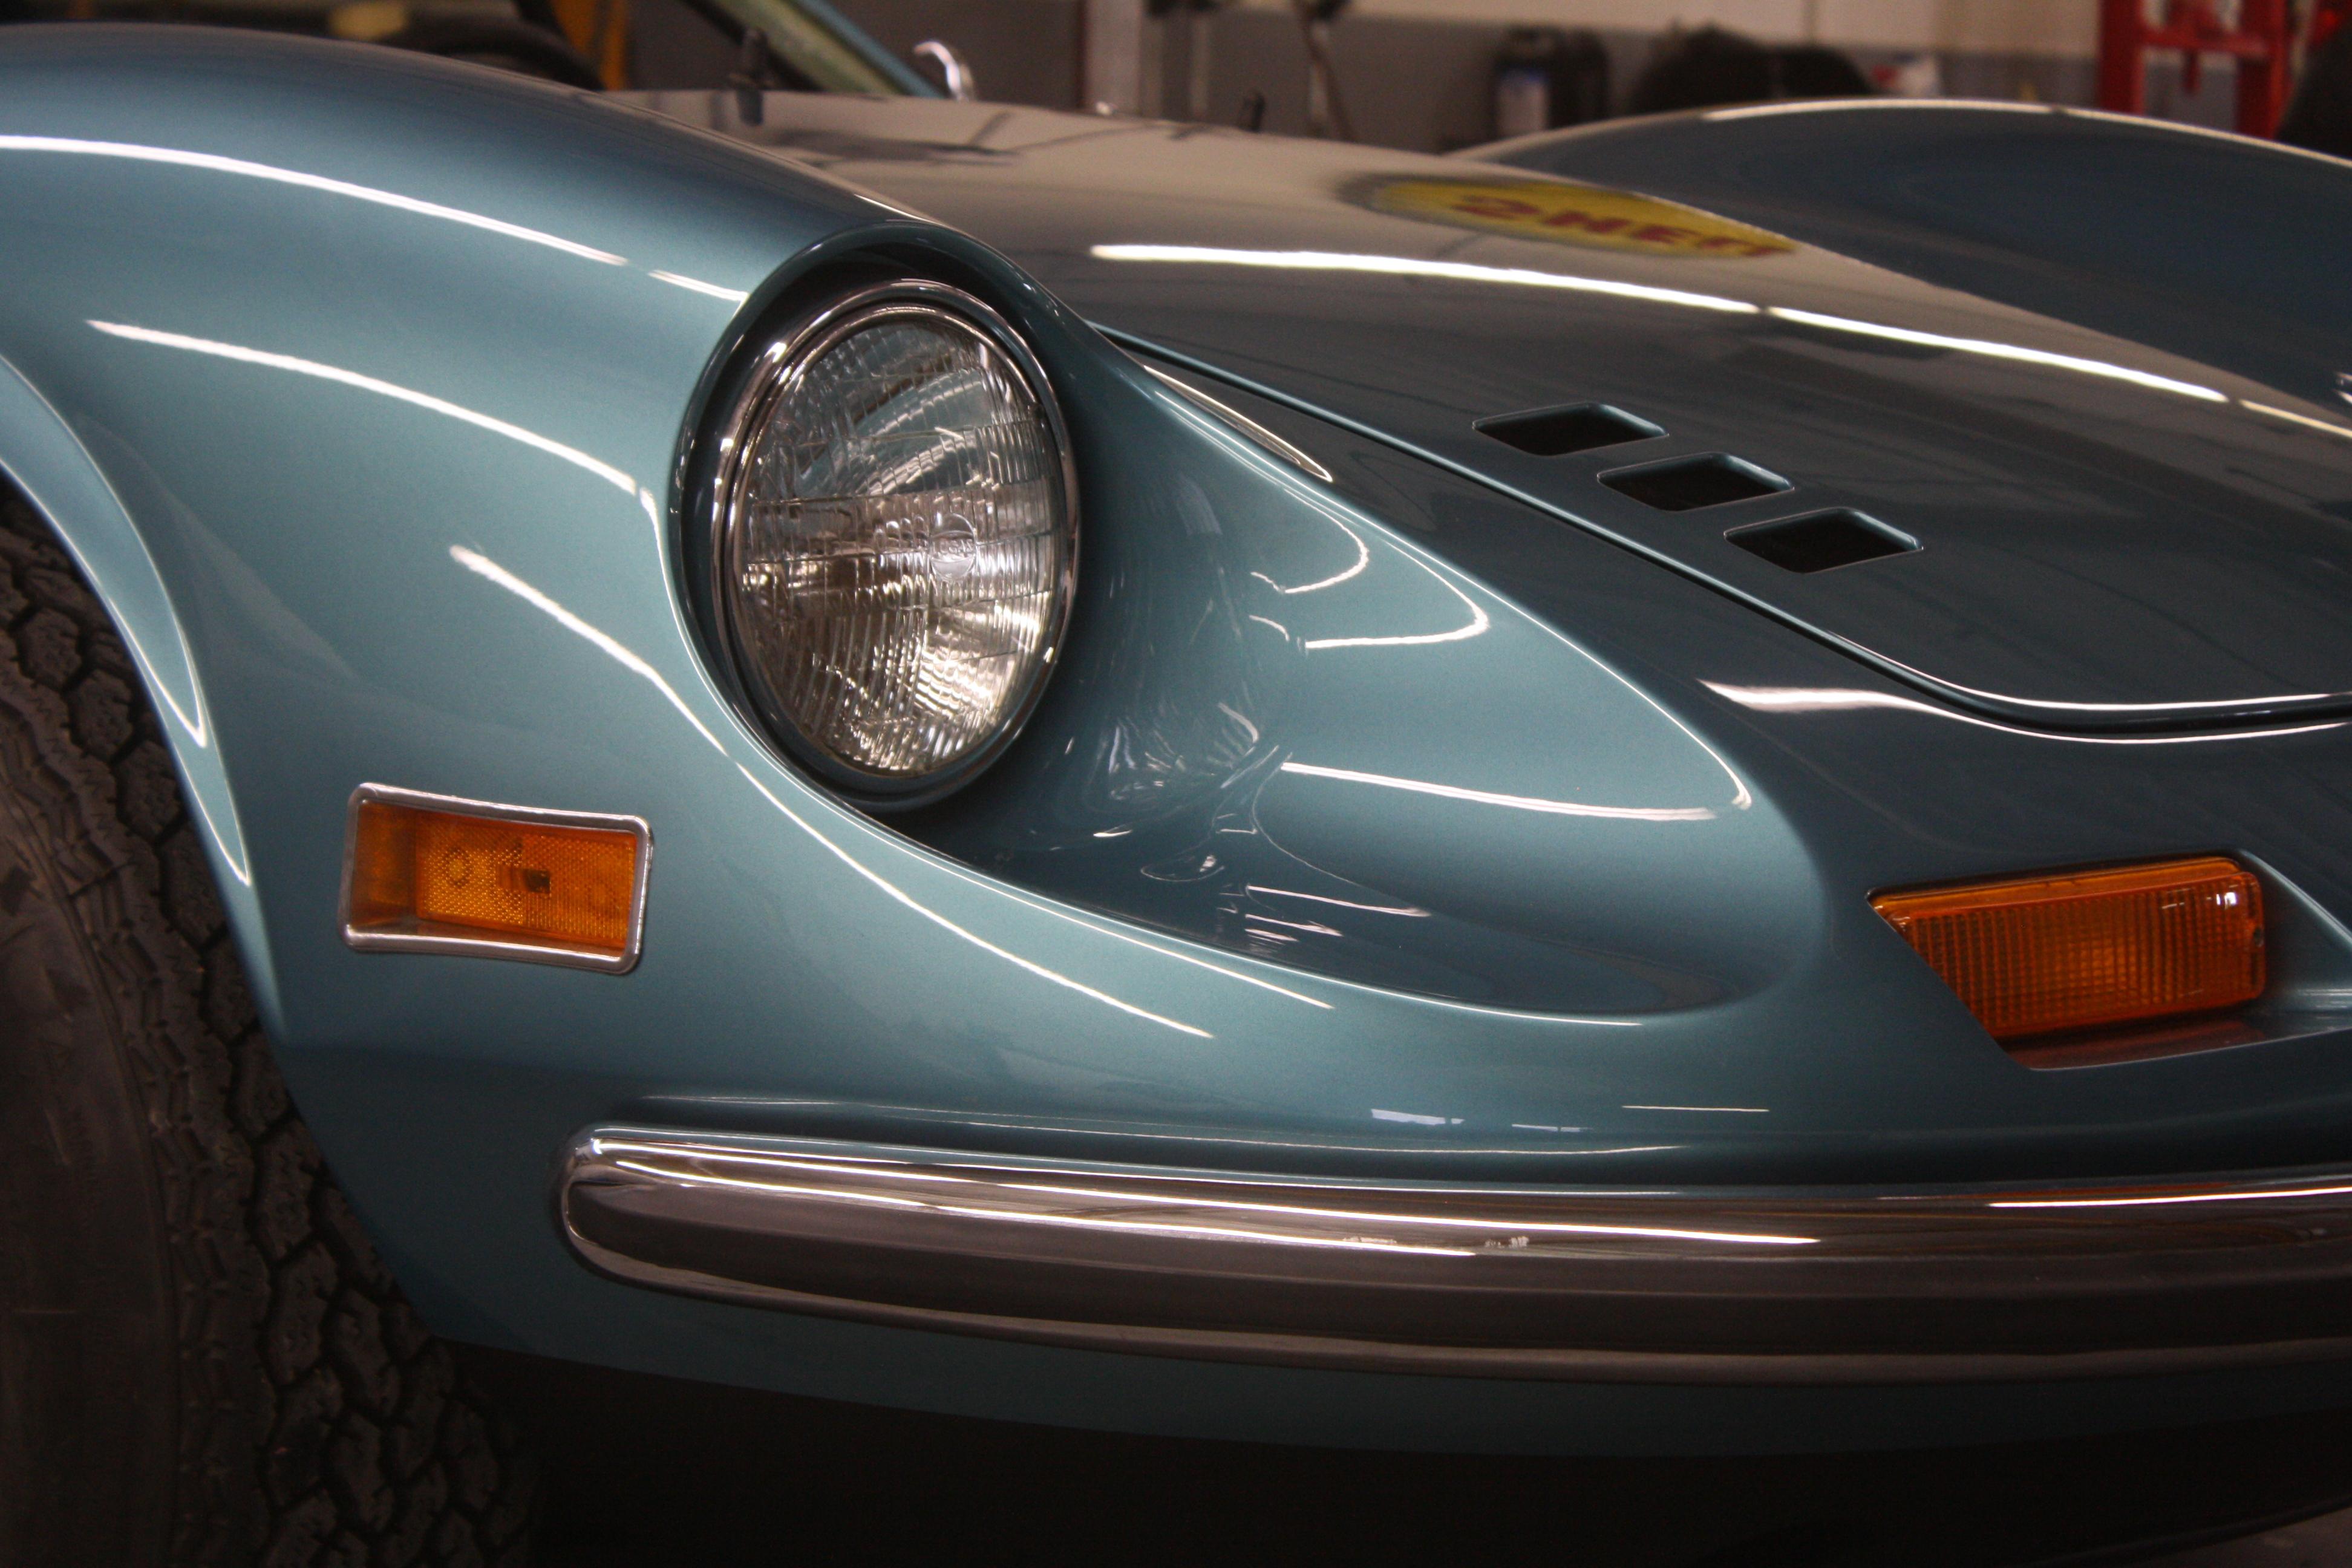 Ferrari Dino 246 Gt Blu Chiaro Metallizzato Bella